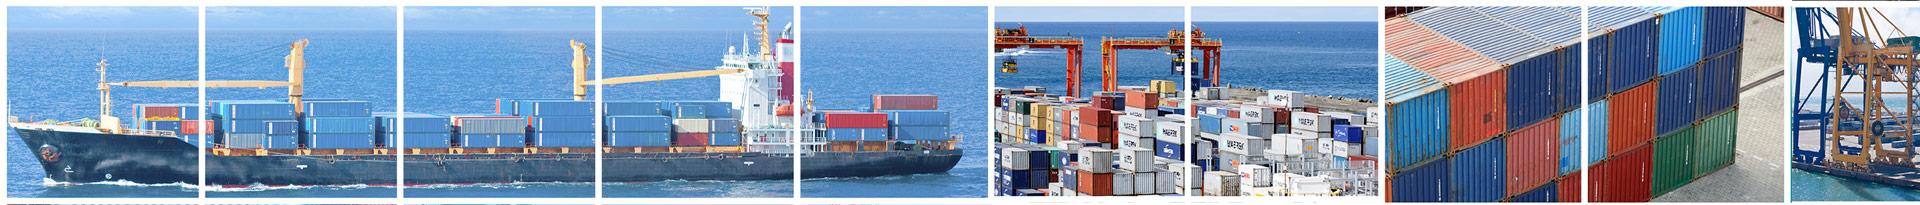 Comercio exterior naviero